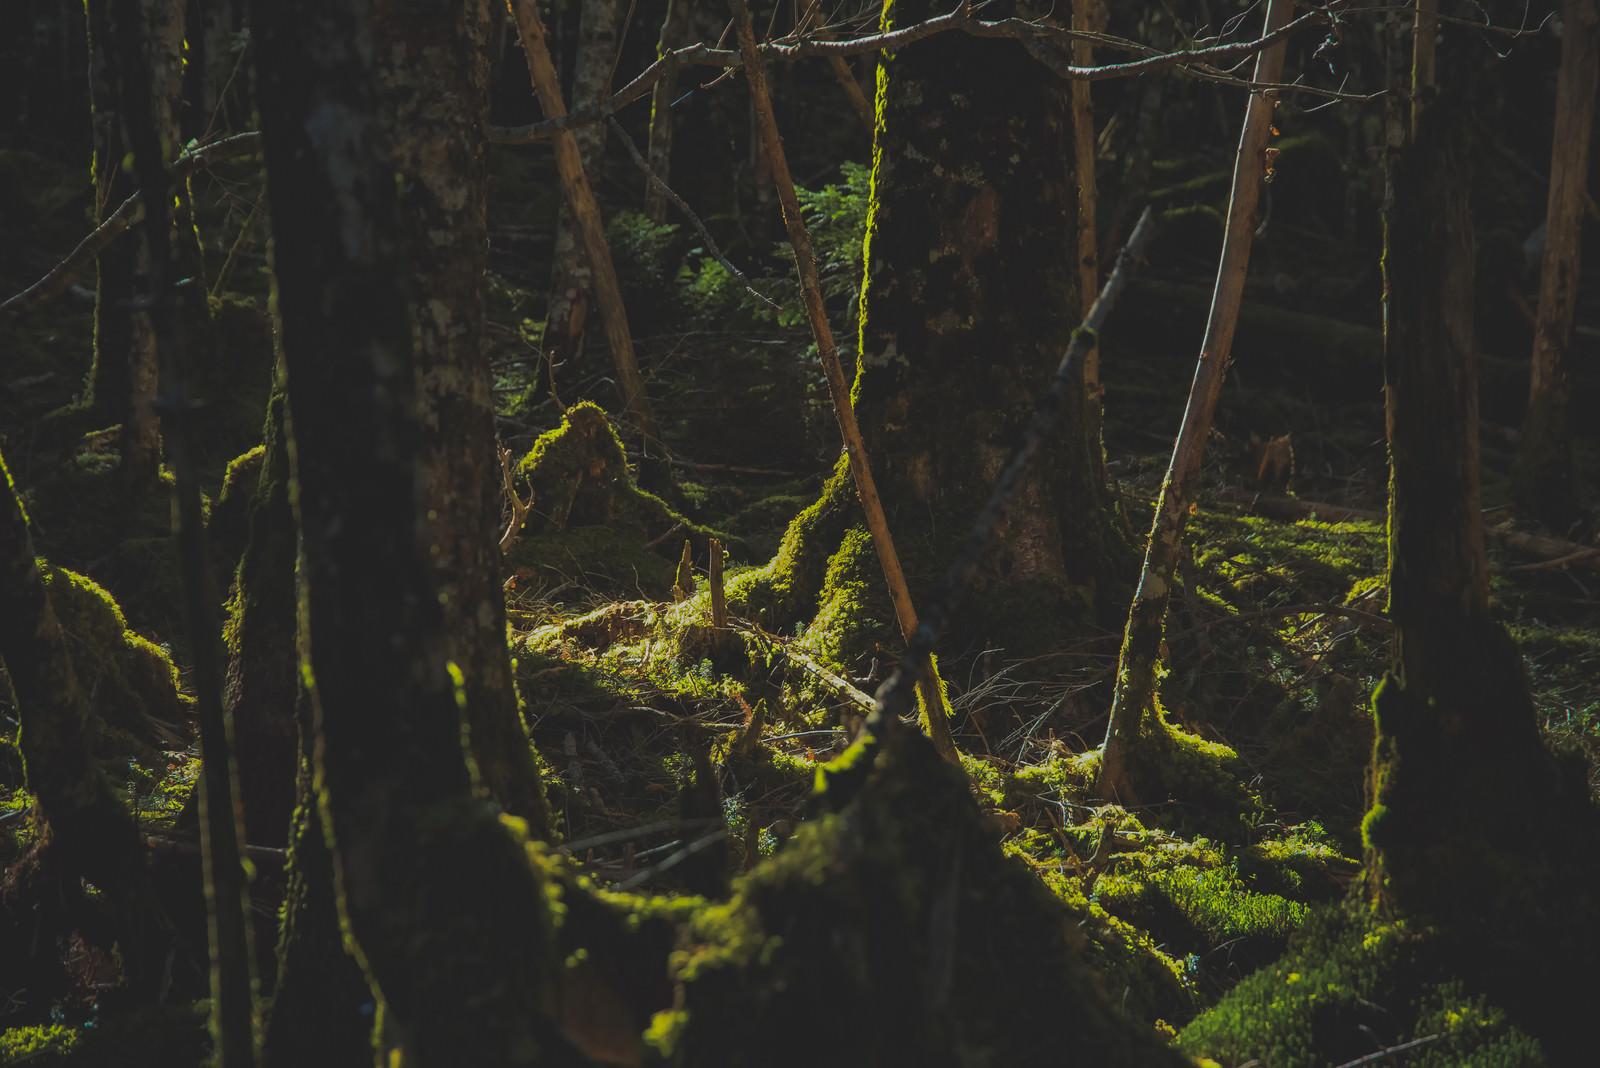 「苔生すた八ヶ岳の森に差し込む光」の写真